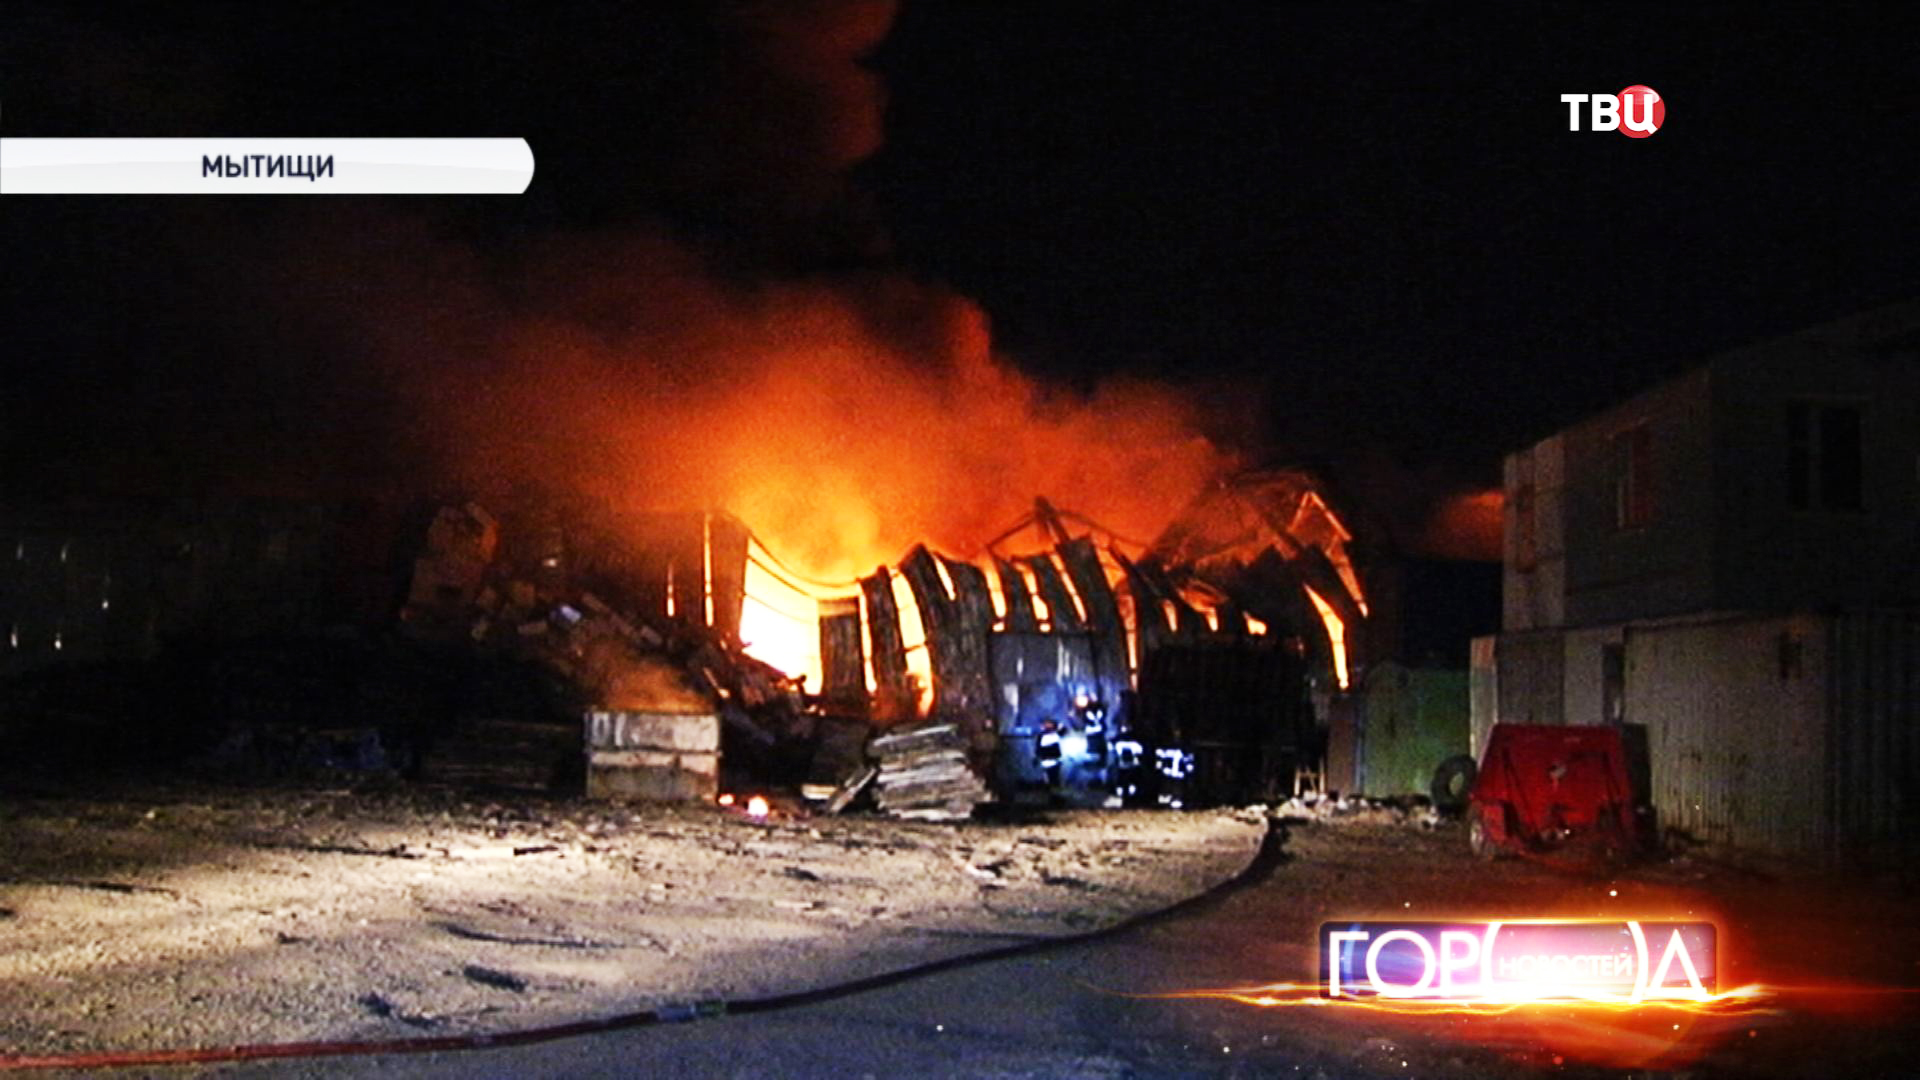 Пожар на складе в Мытищах